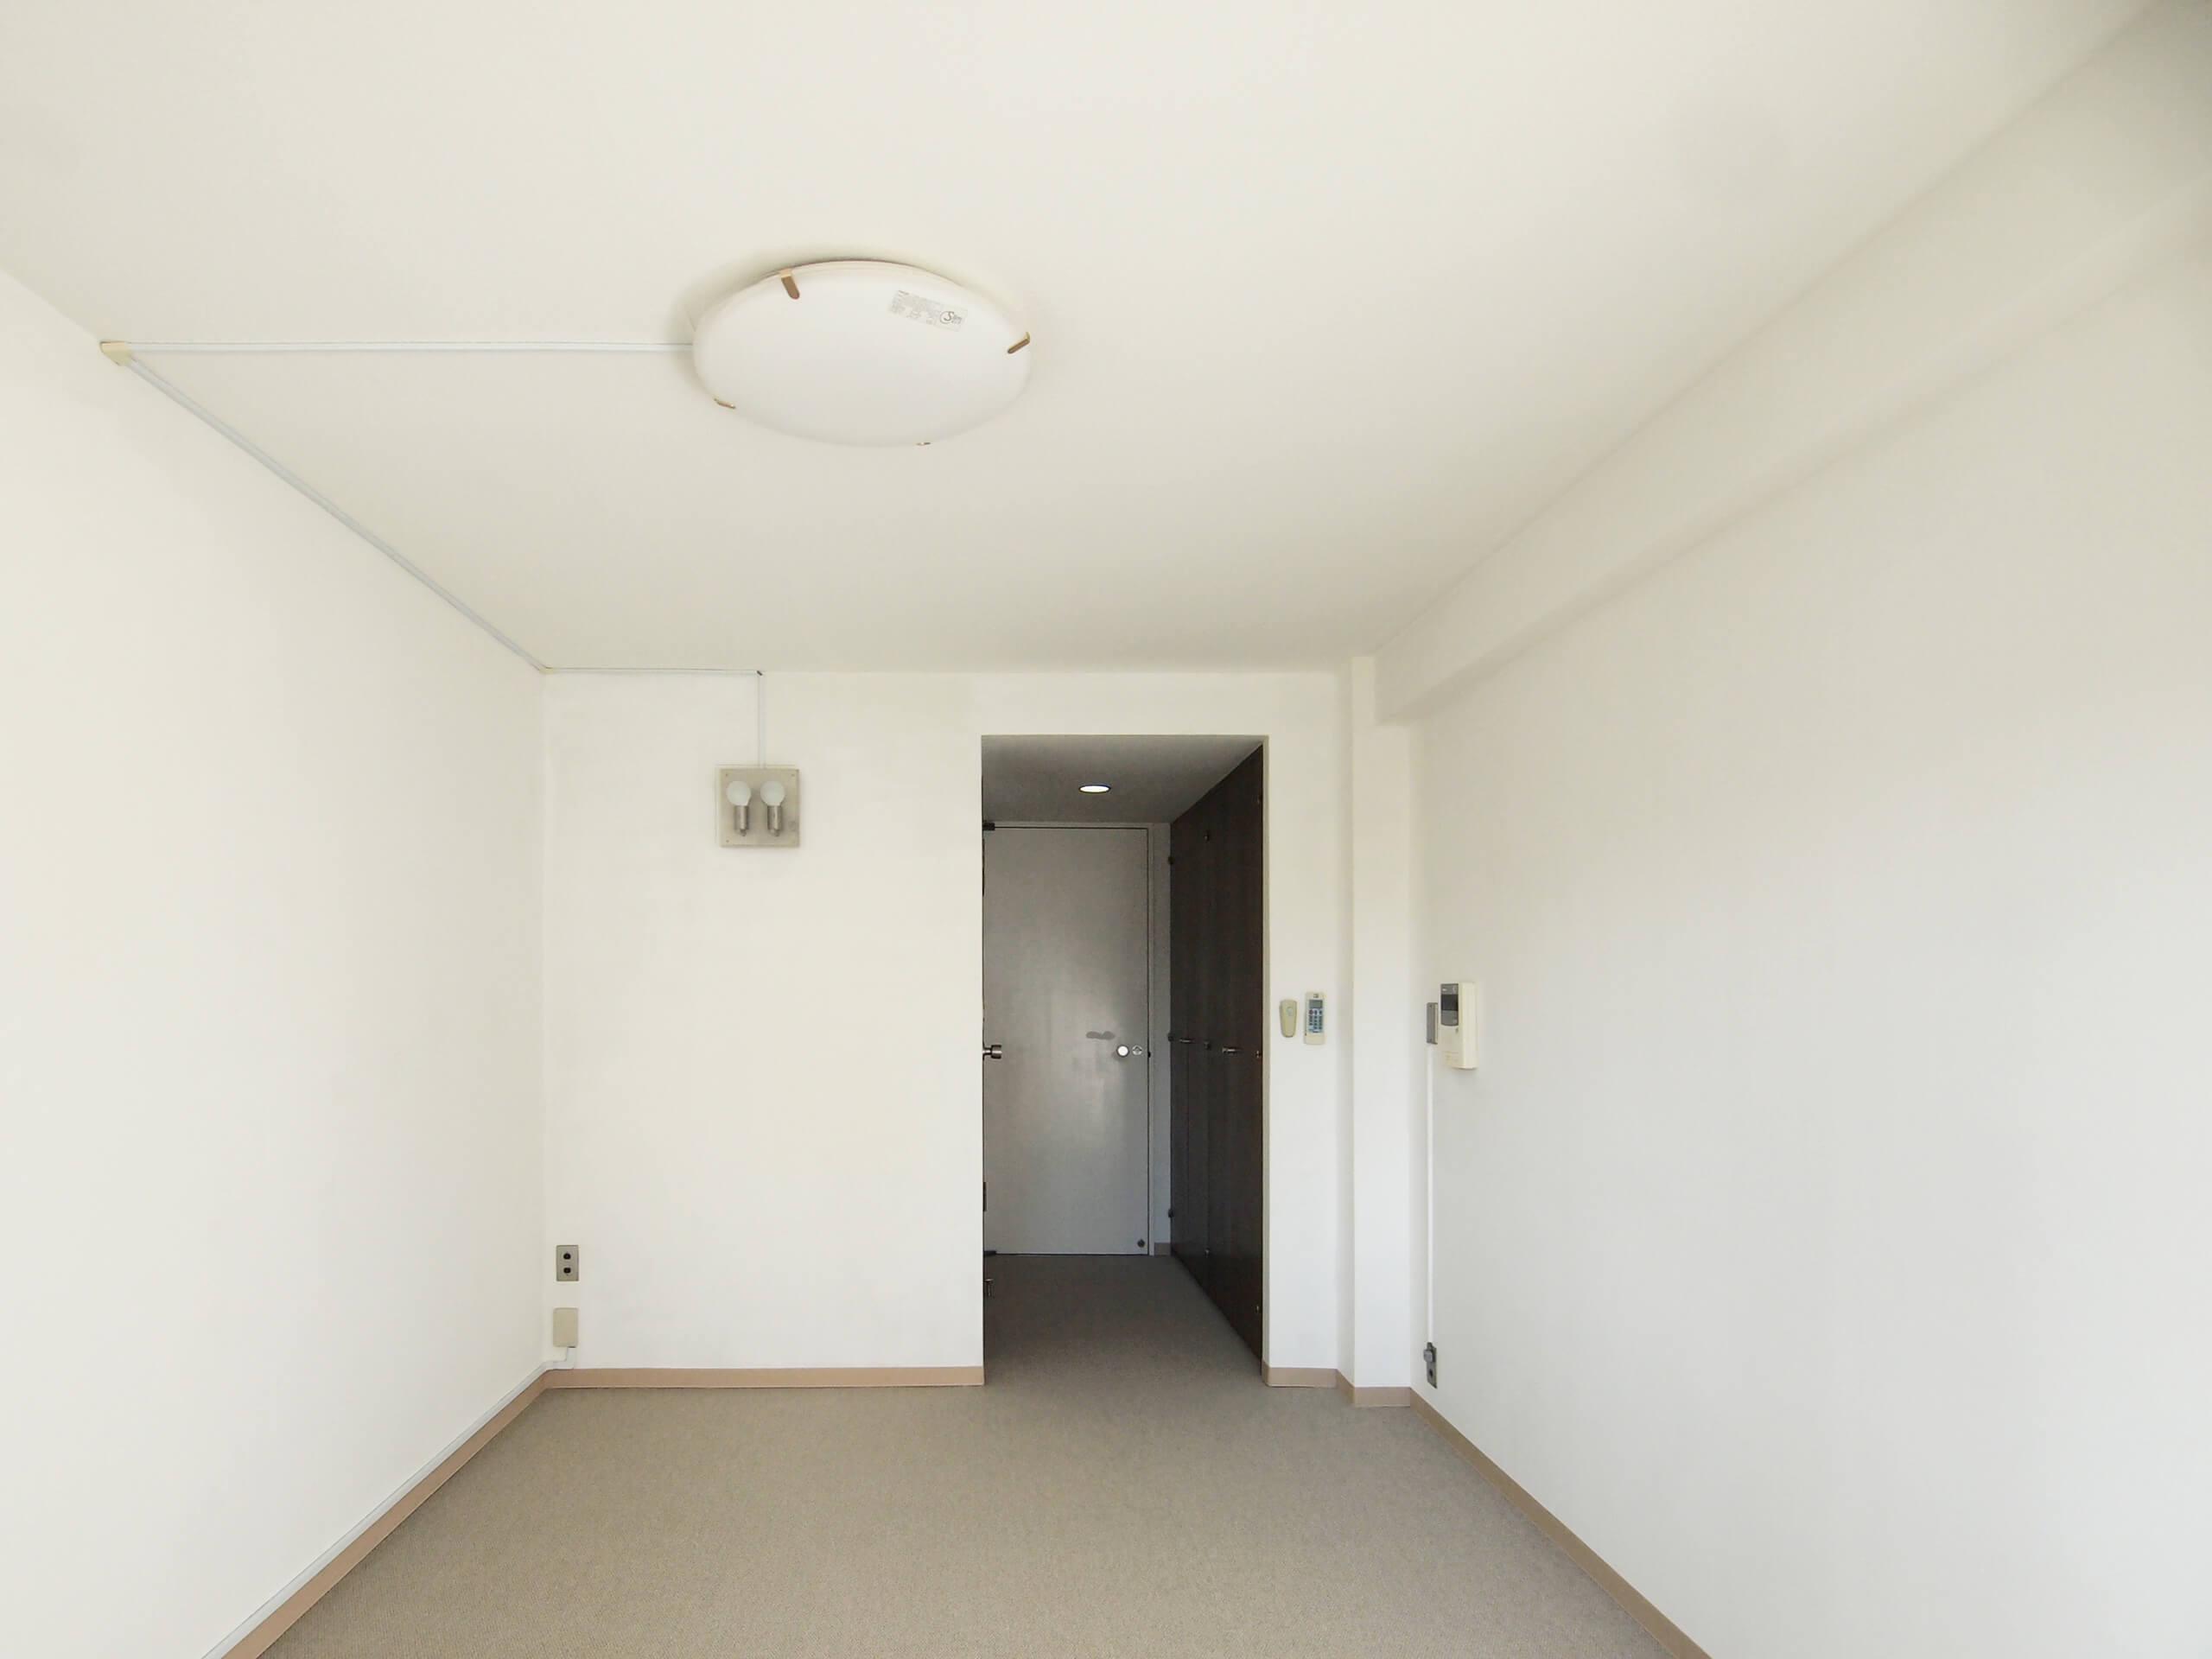 すっきりとした長方形の間取り。壁面が多く、机などレイアウトしやすそう。照明器具は入居者側で好みのものに交換も可能